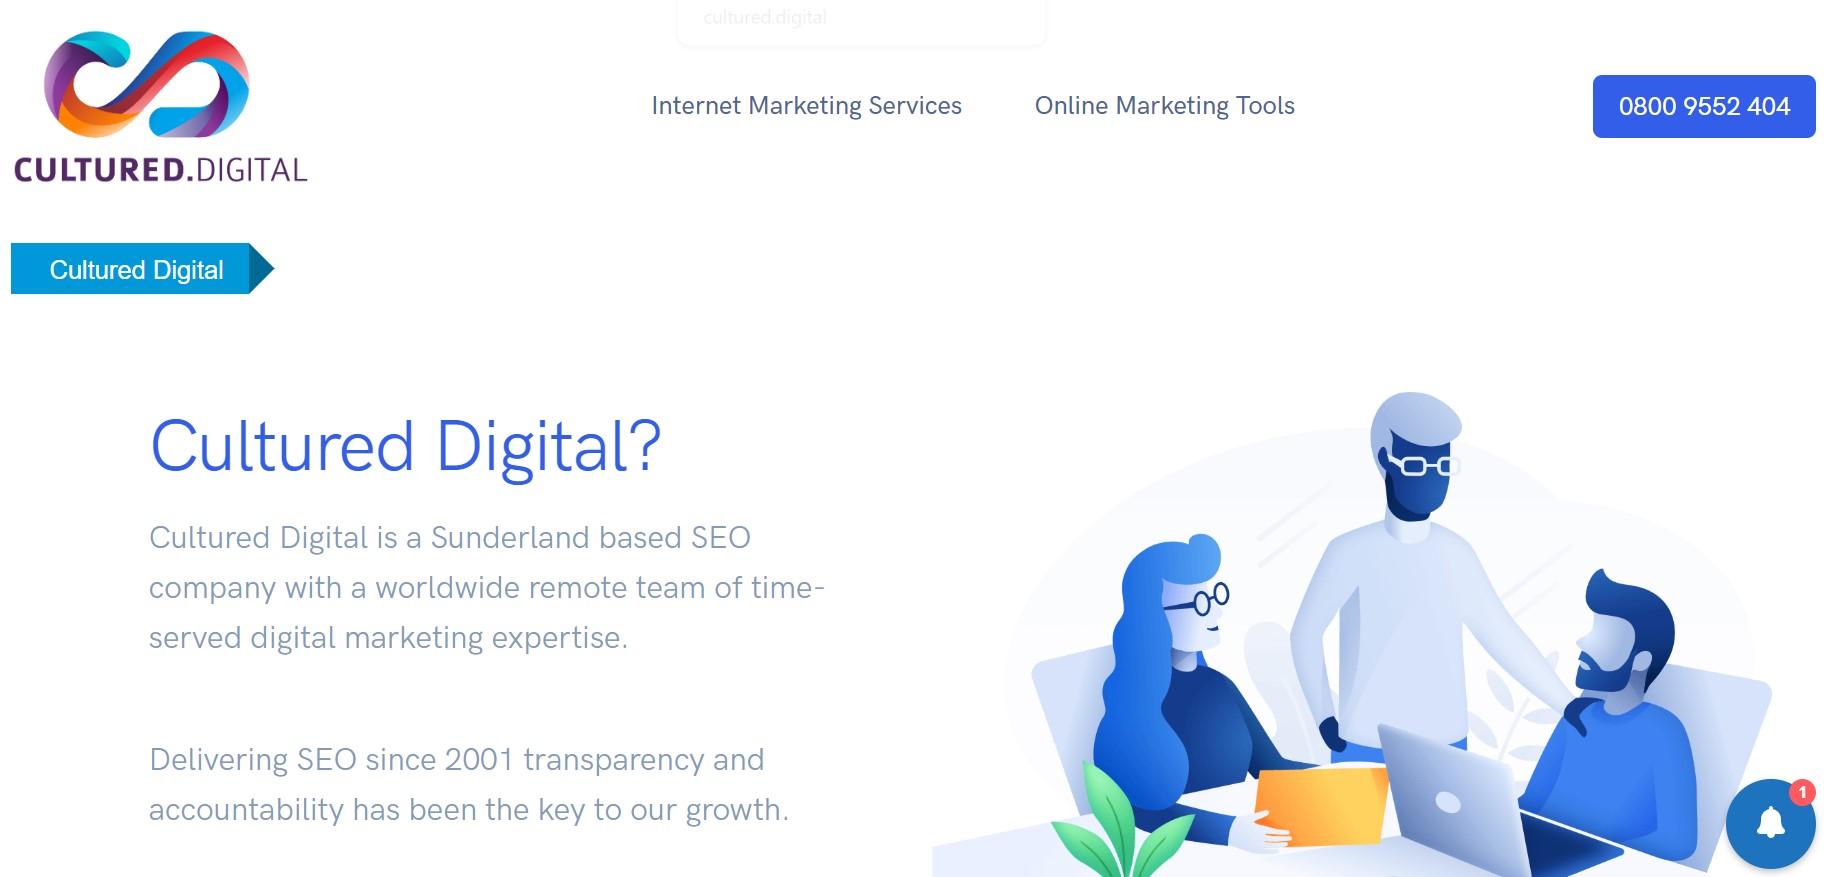 cultured digital seo agency